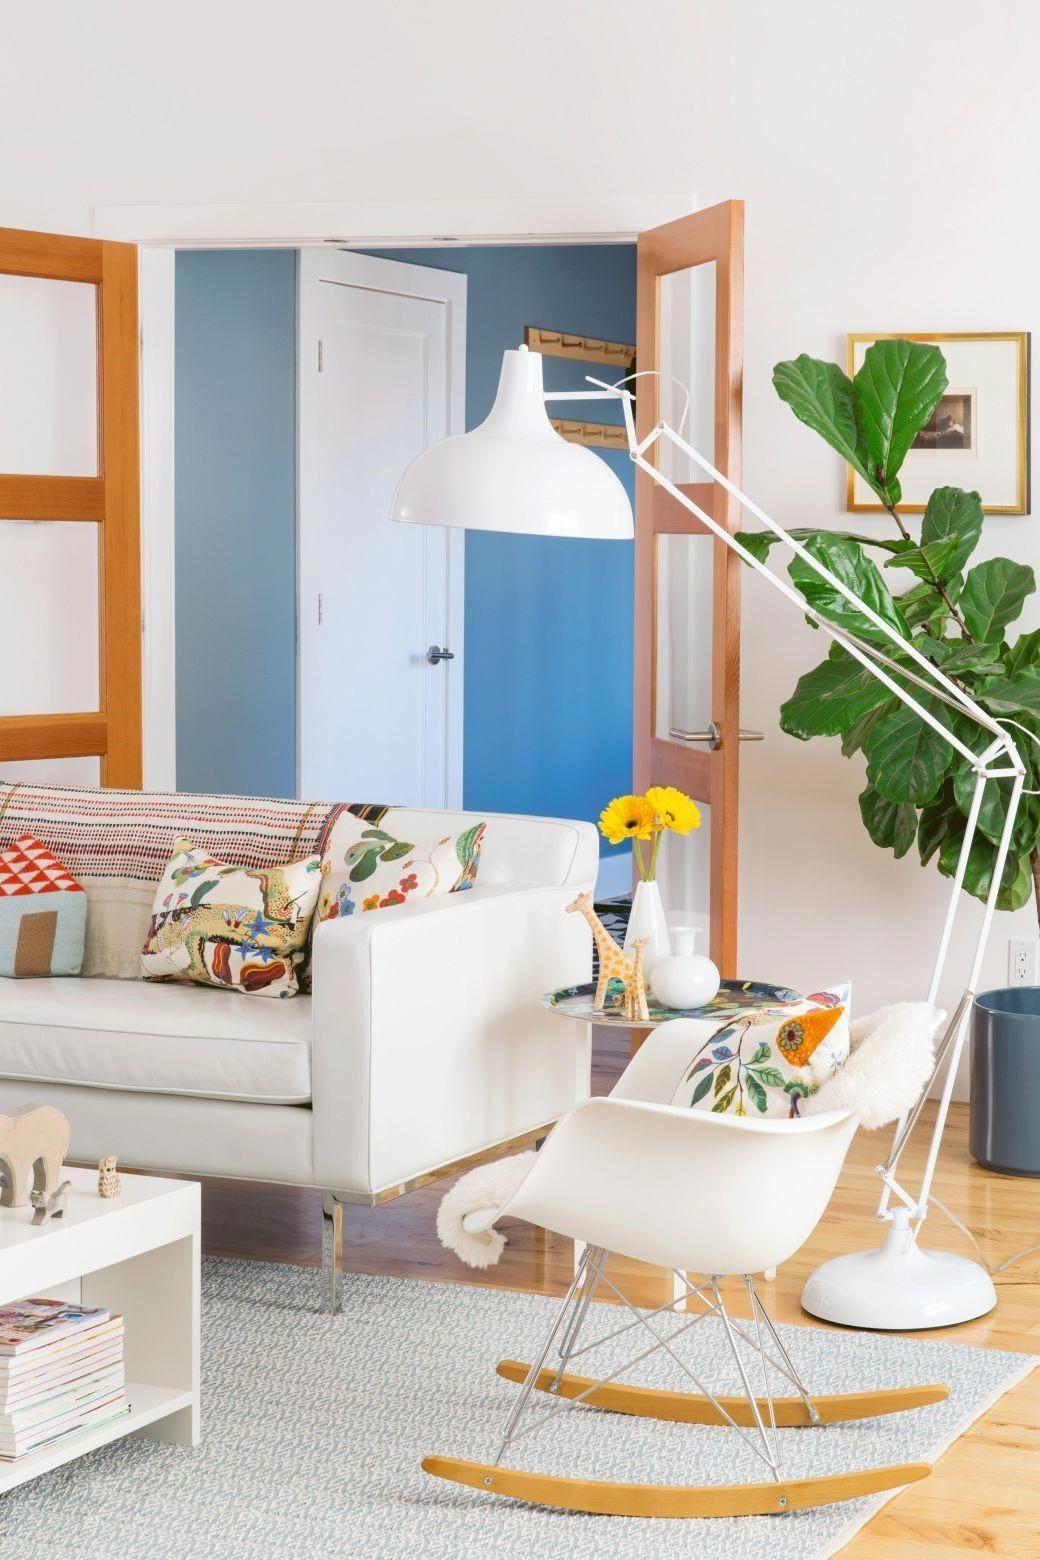 Les meubles blancs peuvent fonctionner dans une maison avec des enfants - il suffit de choisir des tissus durables et des surfaces faciles à nettoyer.